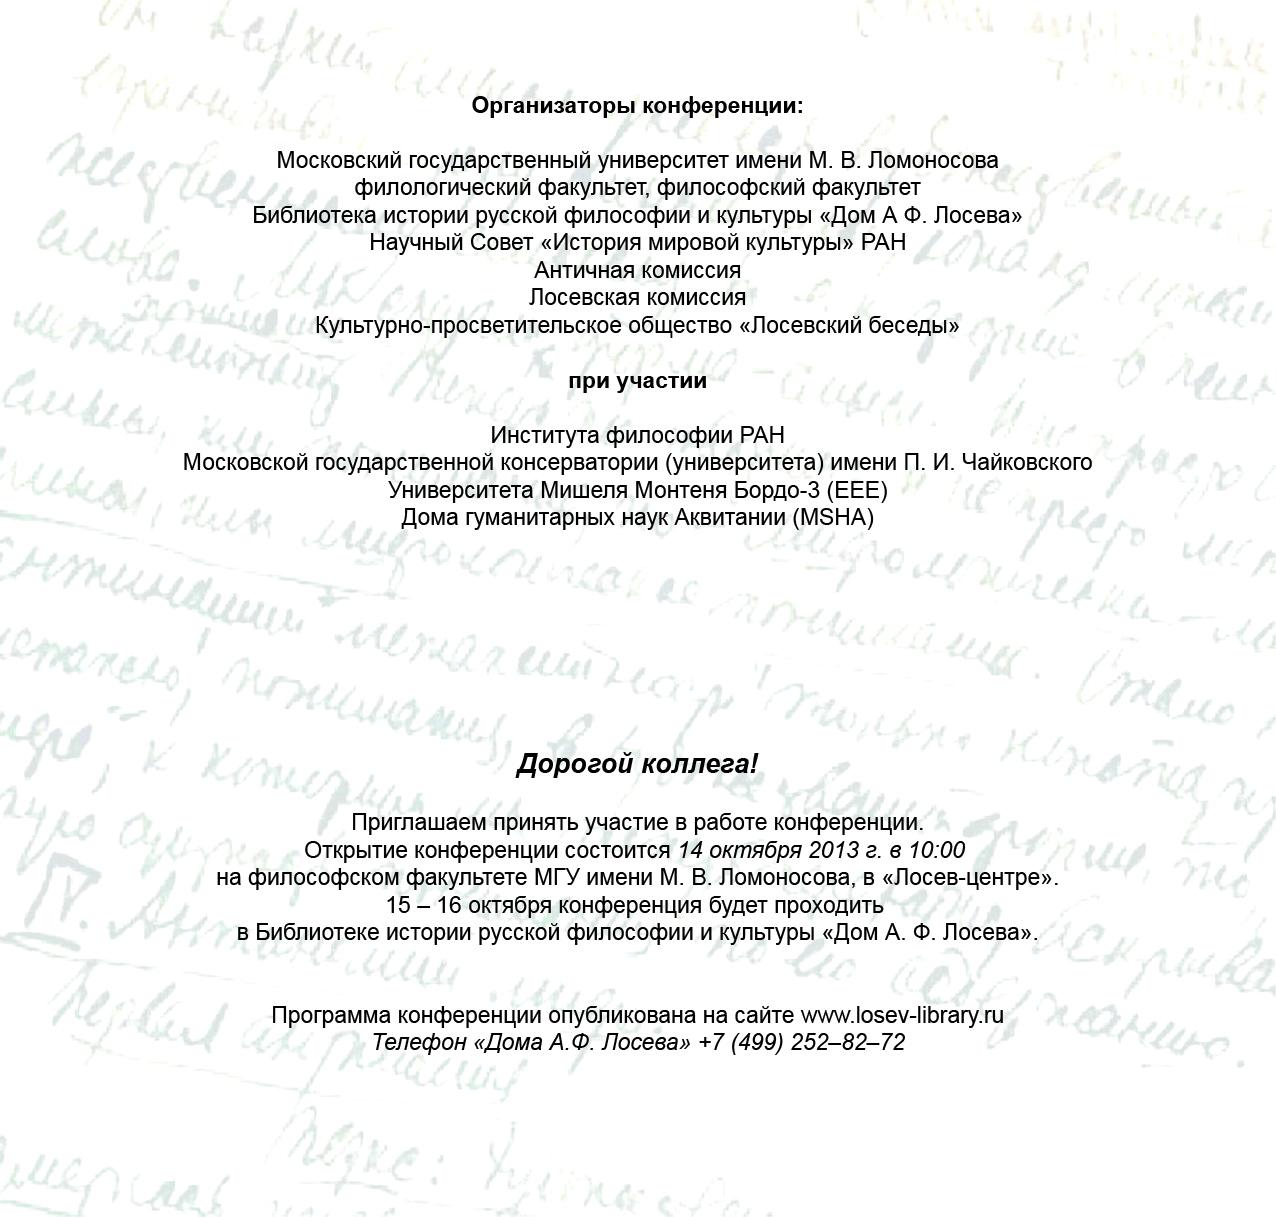 Хроника российского антиковедения год Вот приглашение 1 стр и 2 стр